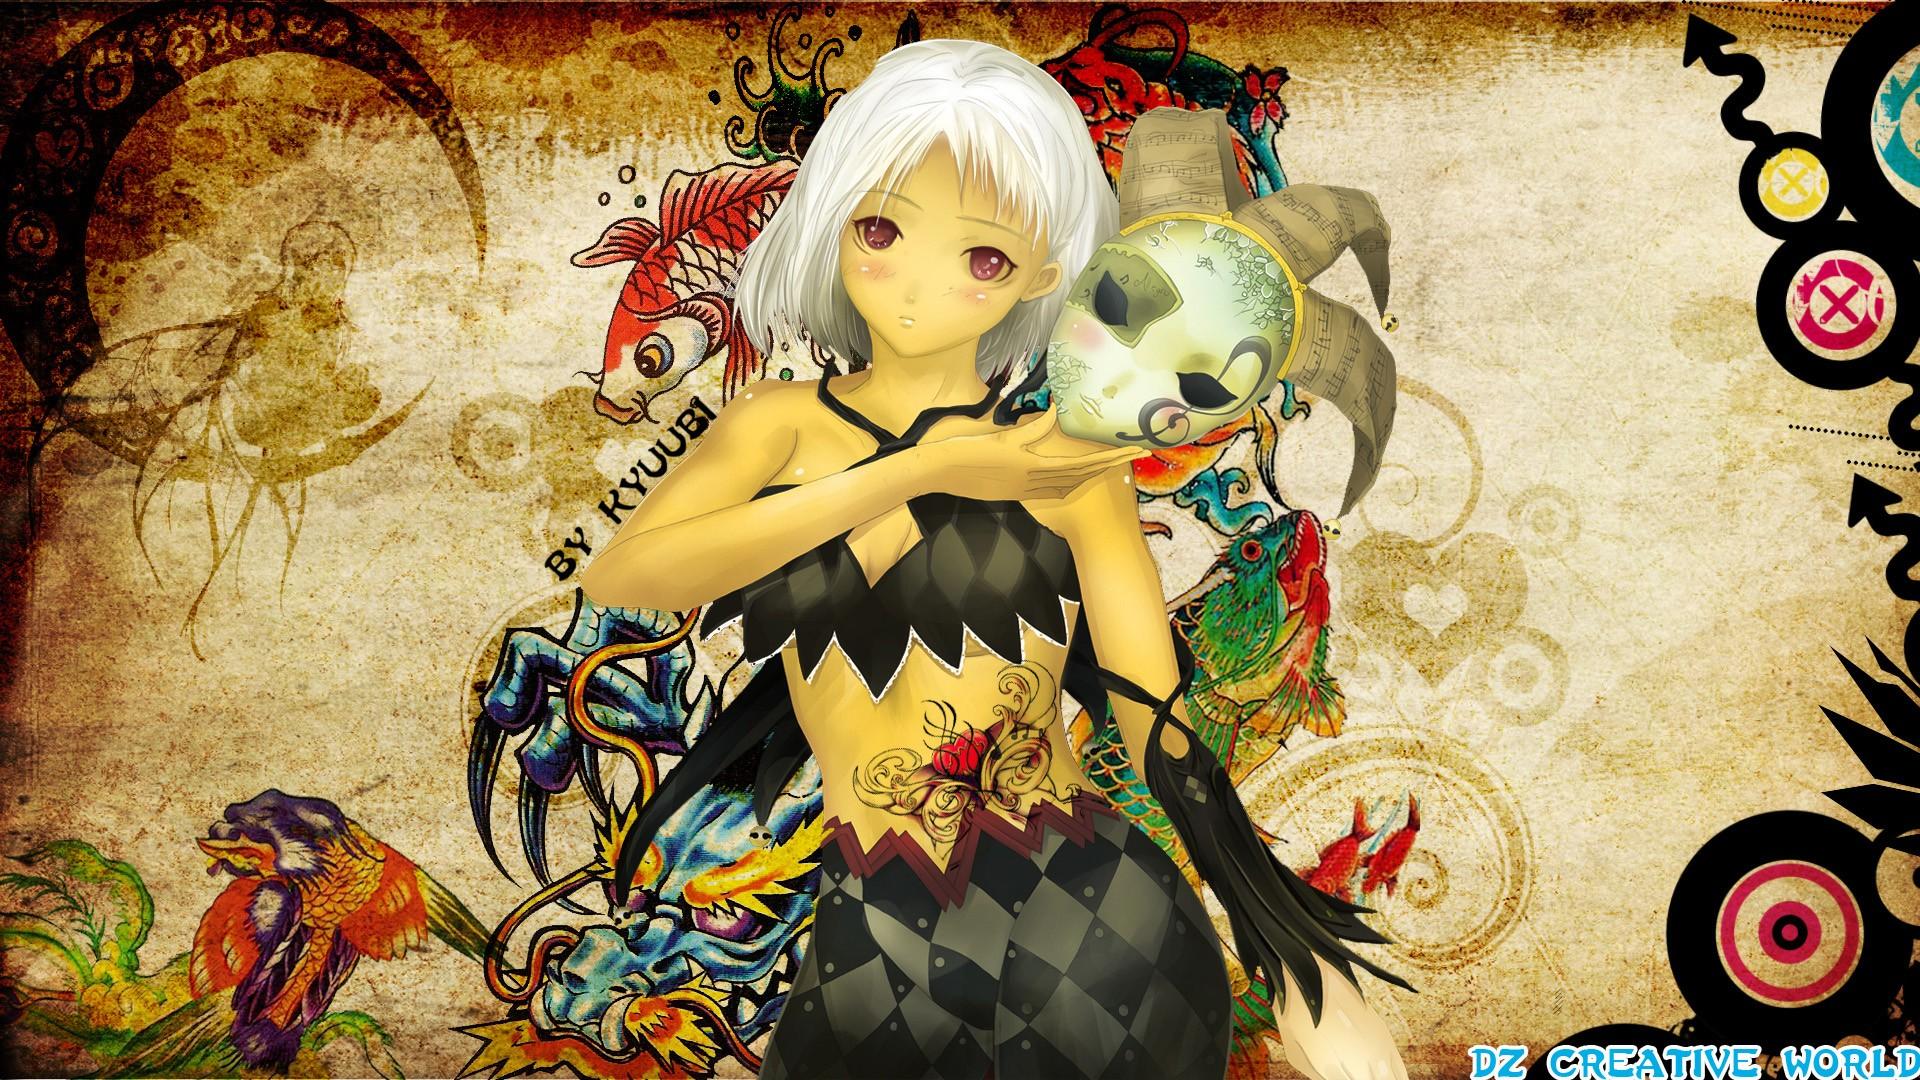 Joker Girl Anime Hd Wallpaper